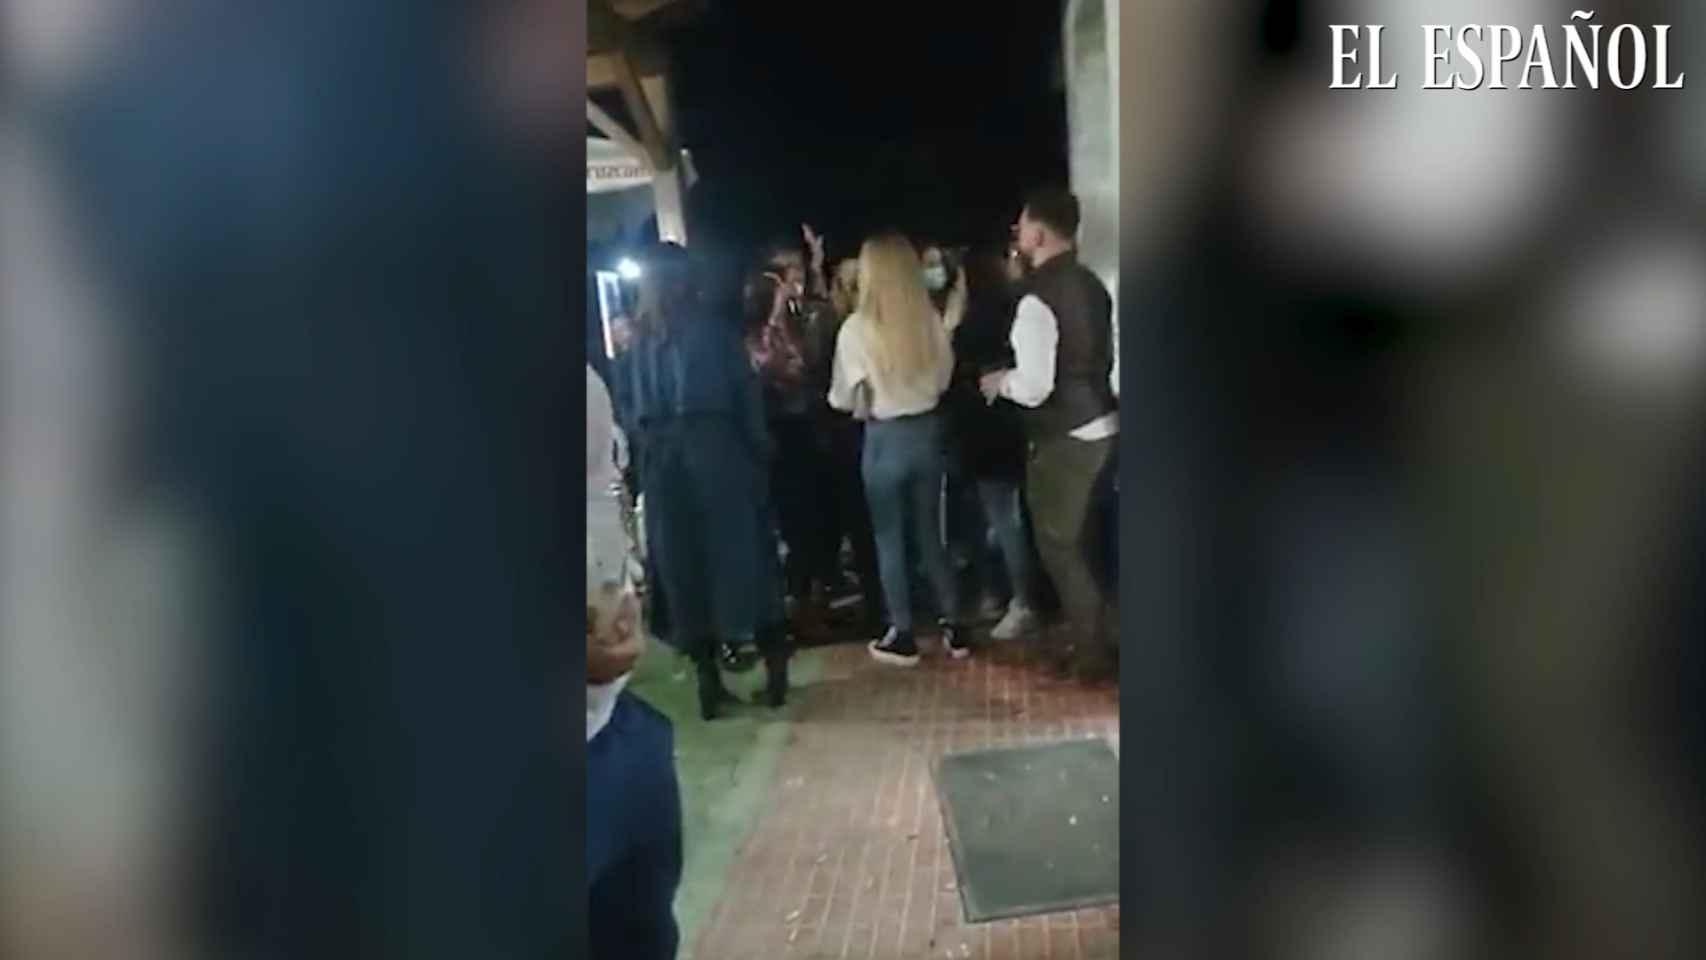 Denuncian a un bar por incumplir las medidas de seguridad